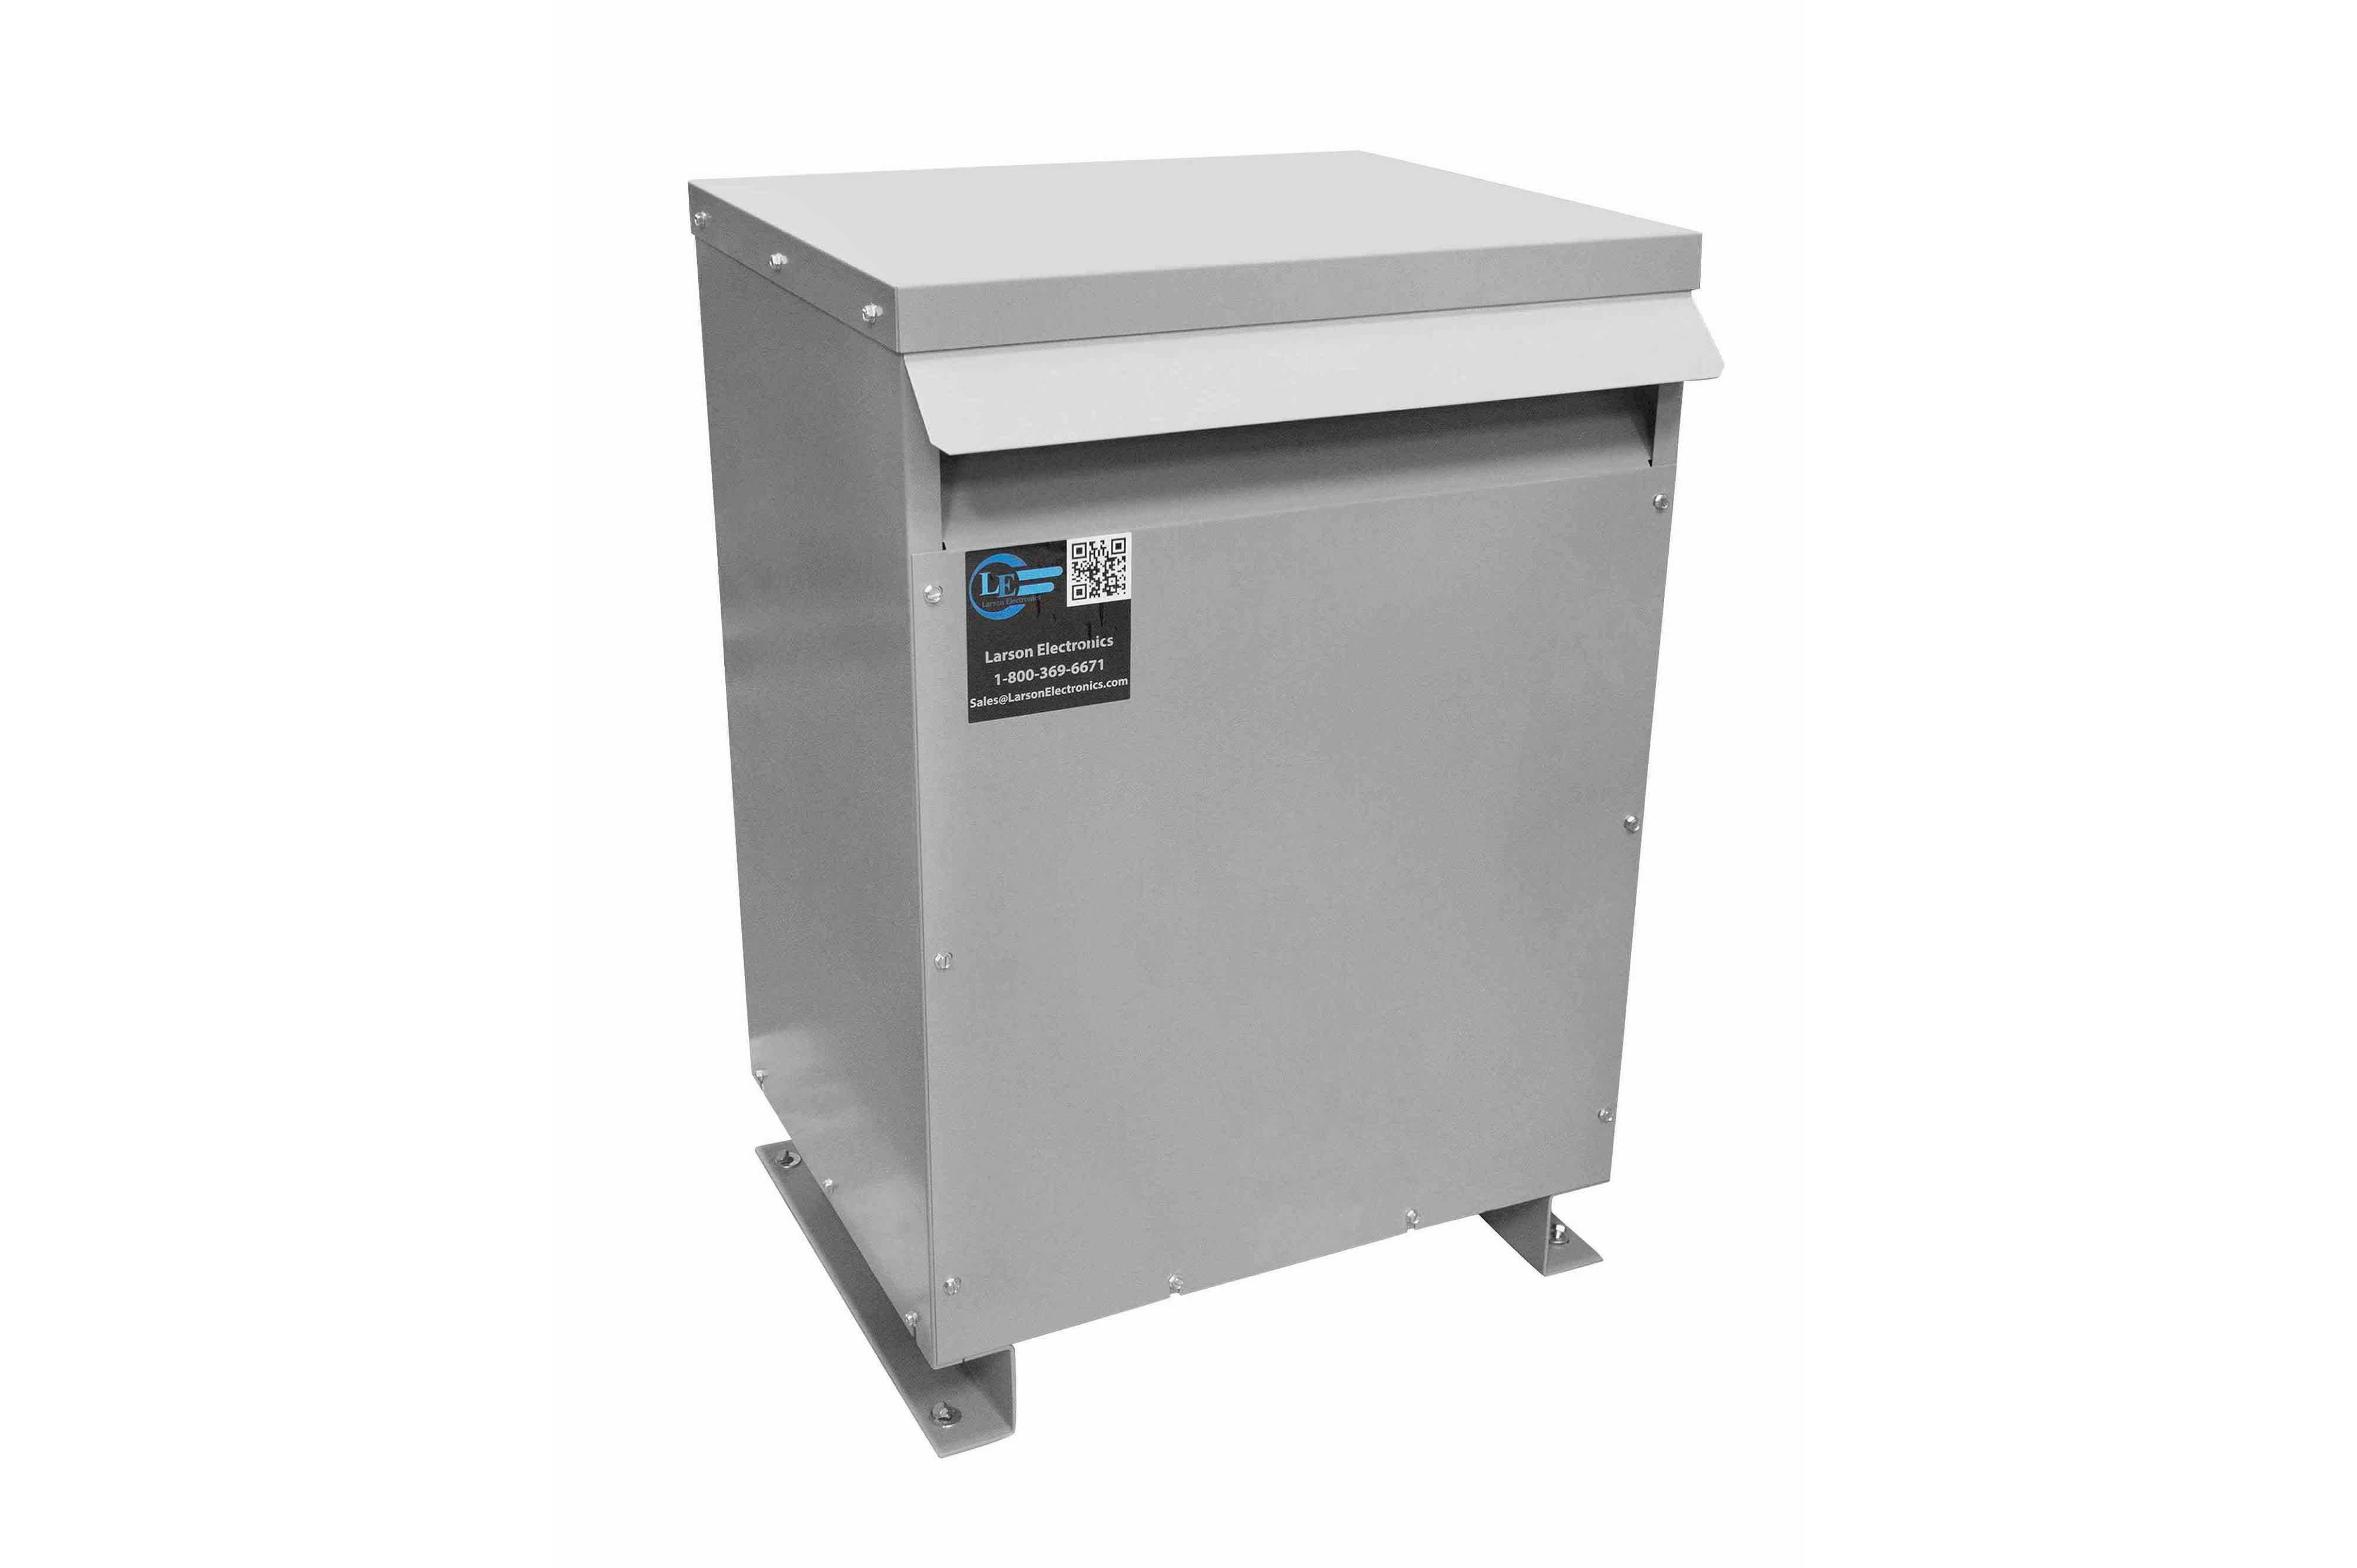 40 kVA 3PH Isolation Transformer, 460V Delta Primary, 415V Delta Secondary, N3R, Ventilated, 60 Hz